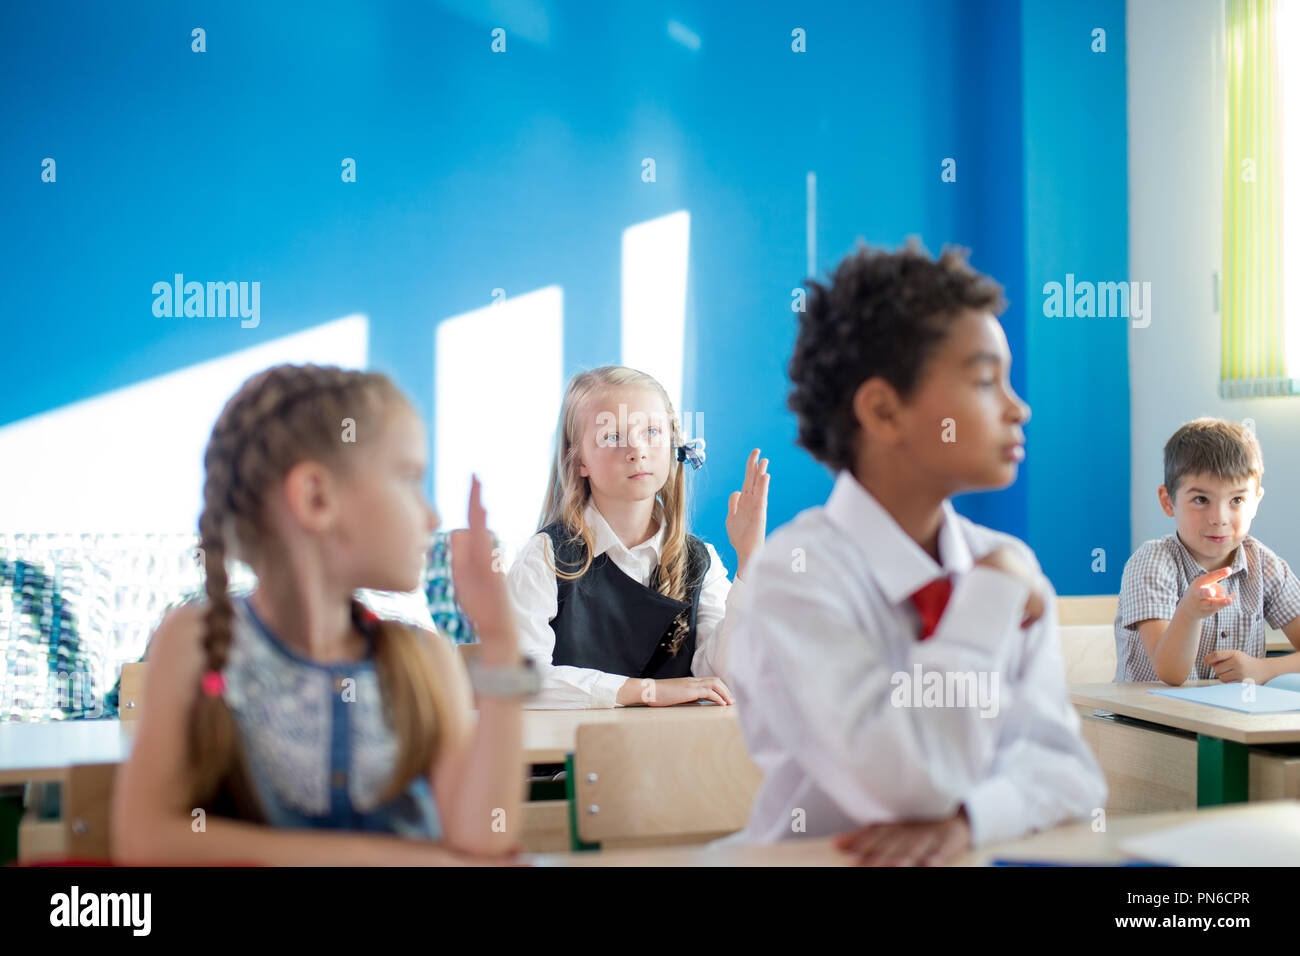 Groupe d'écoliers tous levé la main en l'air pour répondre à Photo Stock